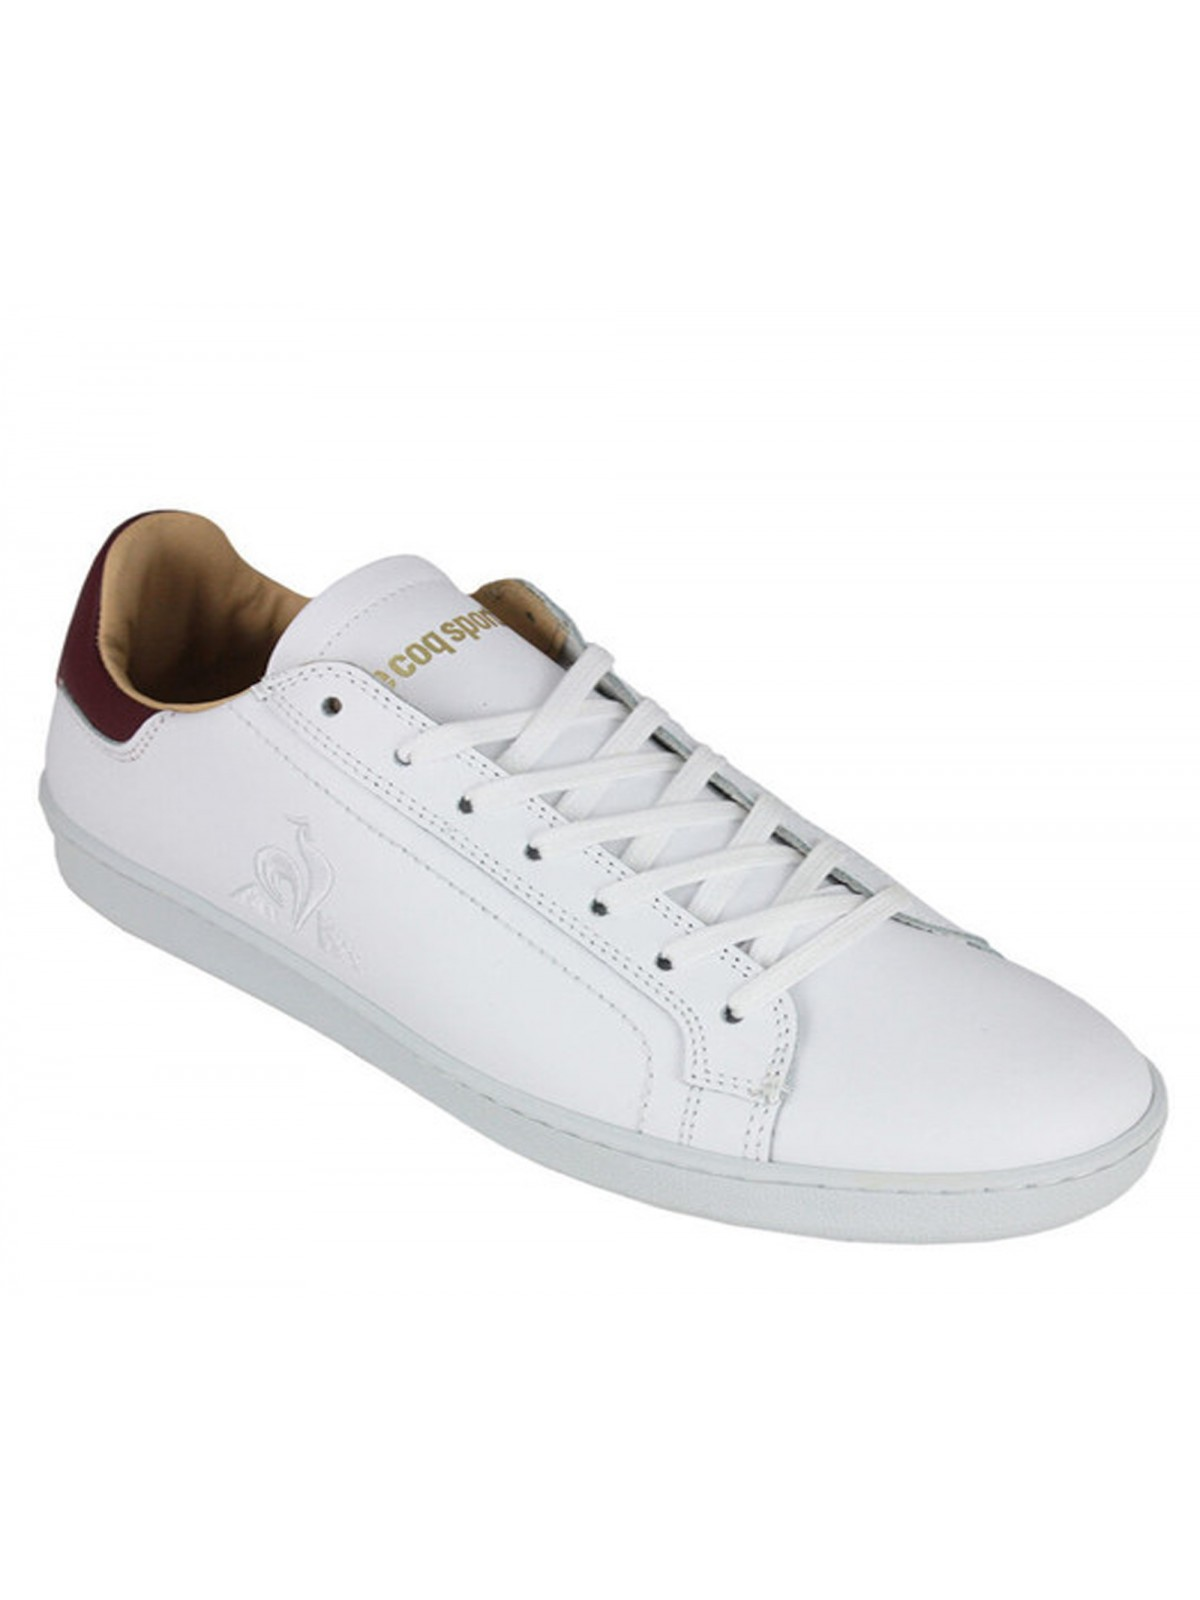 Le Coq Sportif Avantage cuir blanc / bordeaux